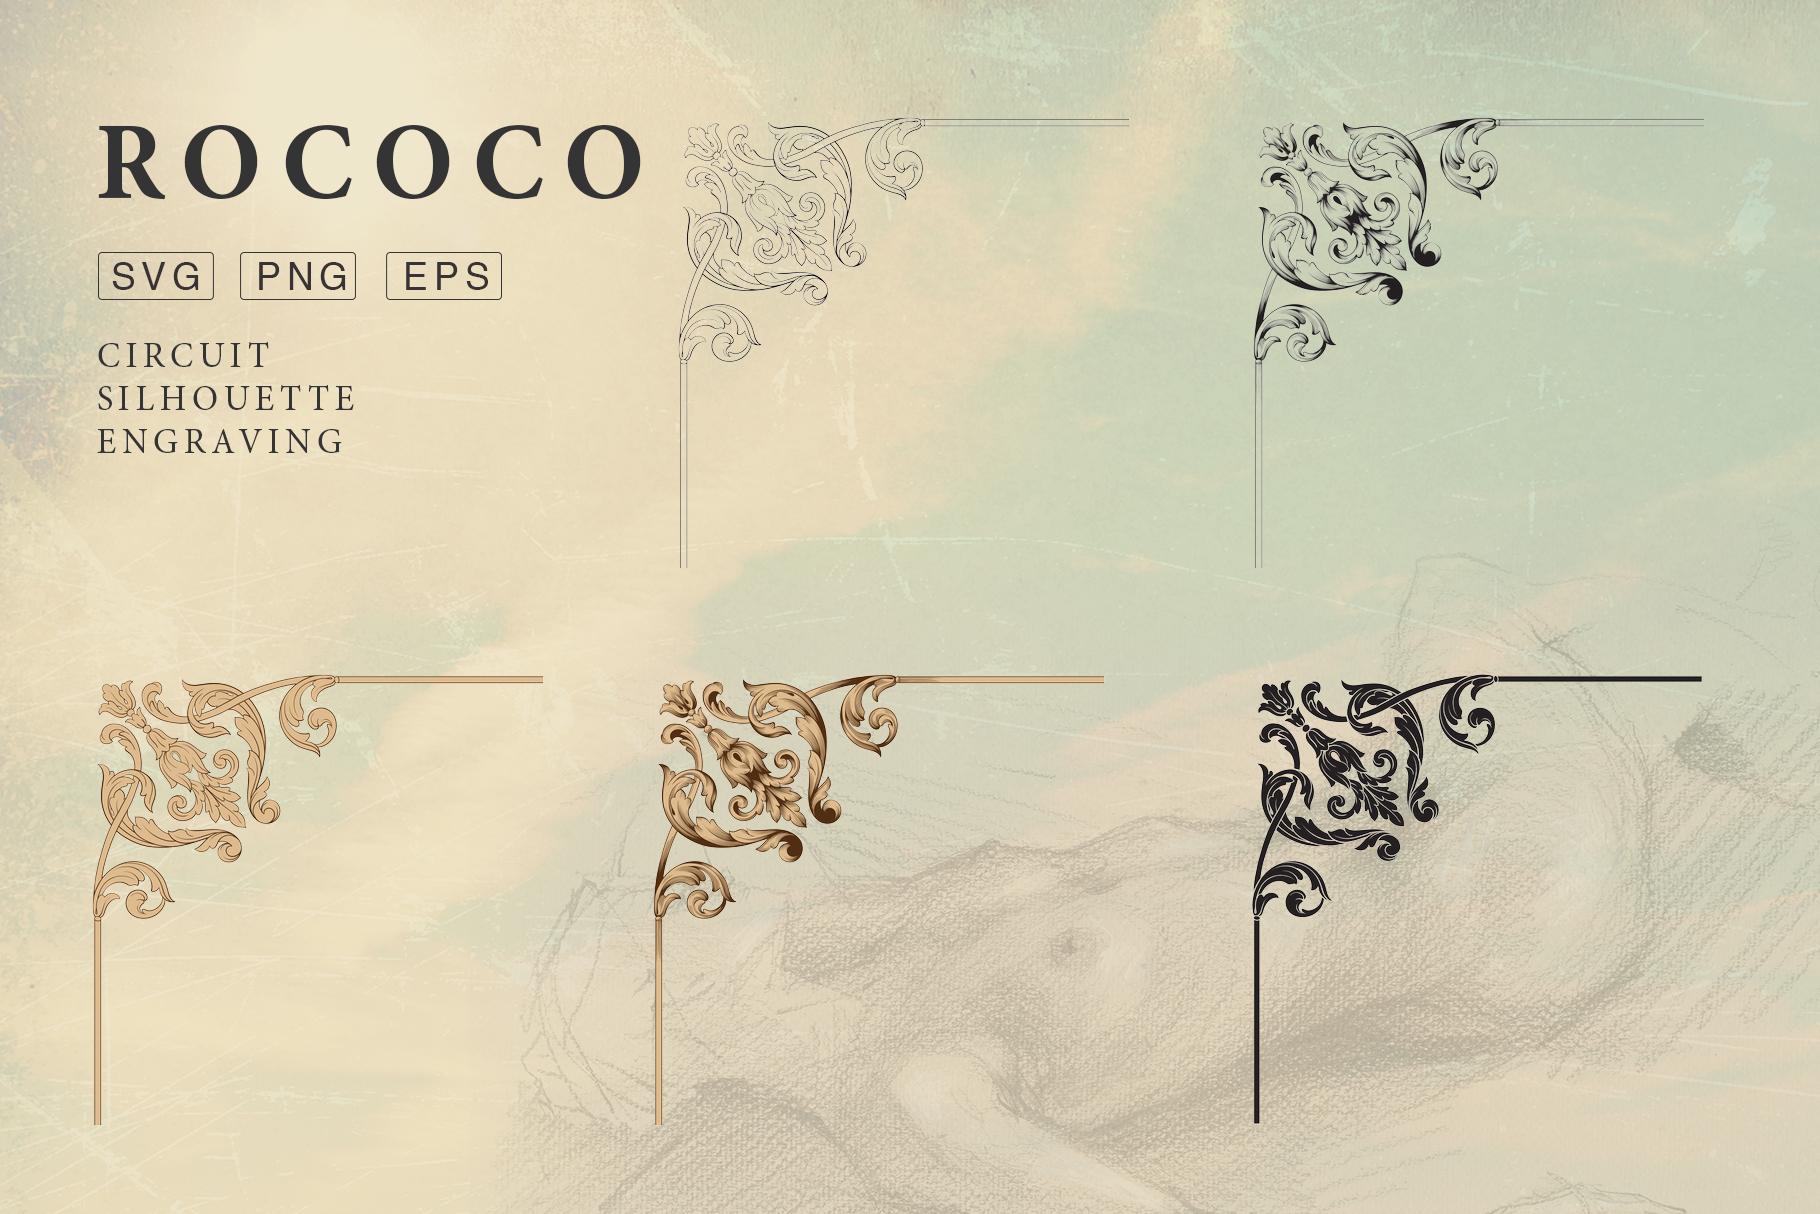 Rococo Romance Ornament page decor example image 2